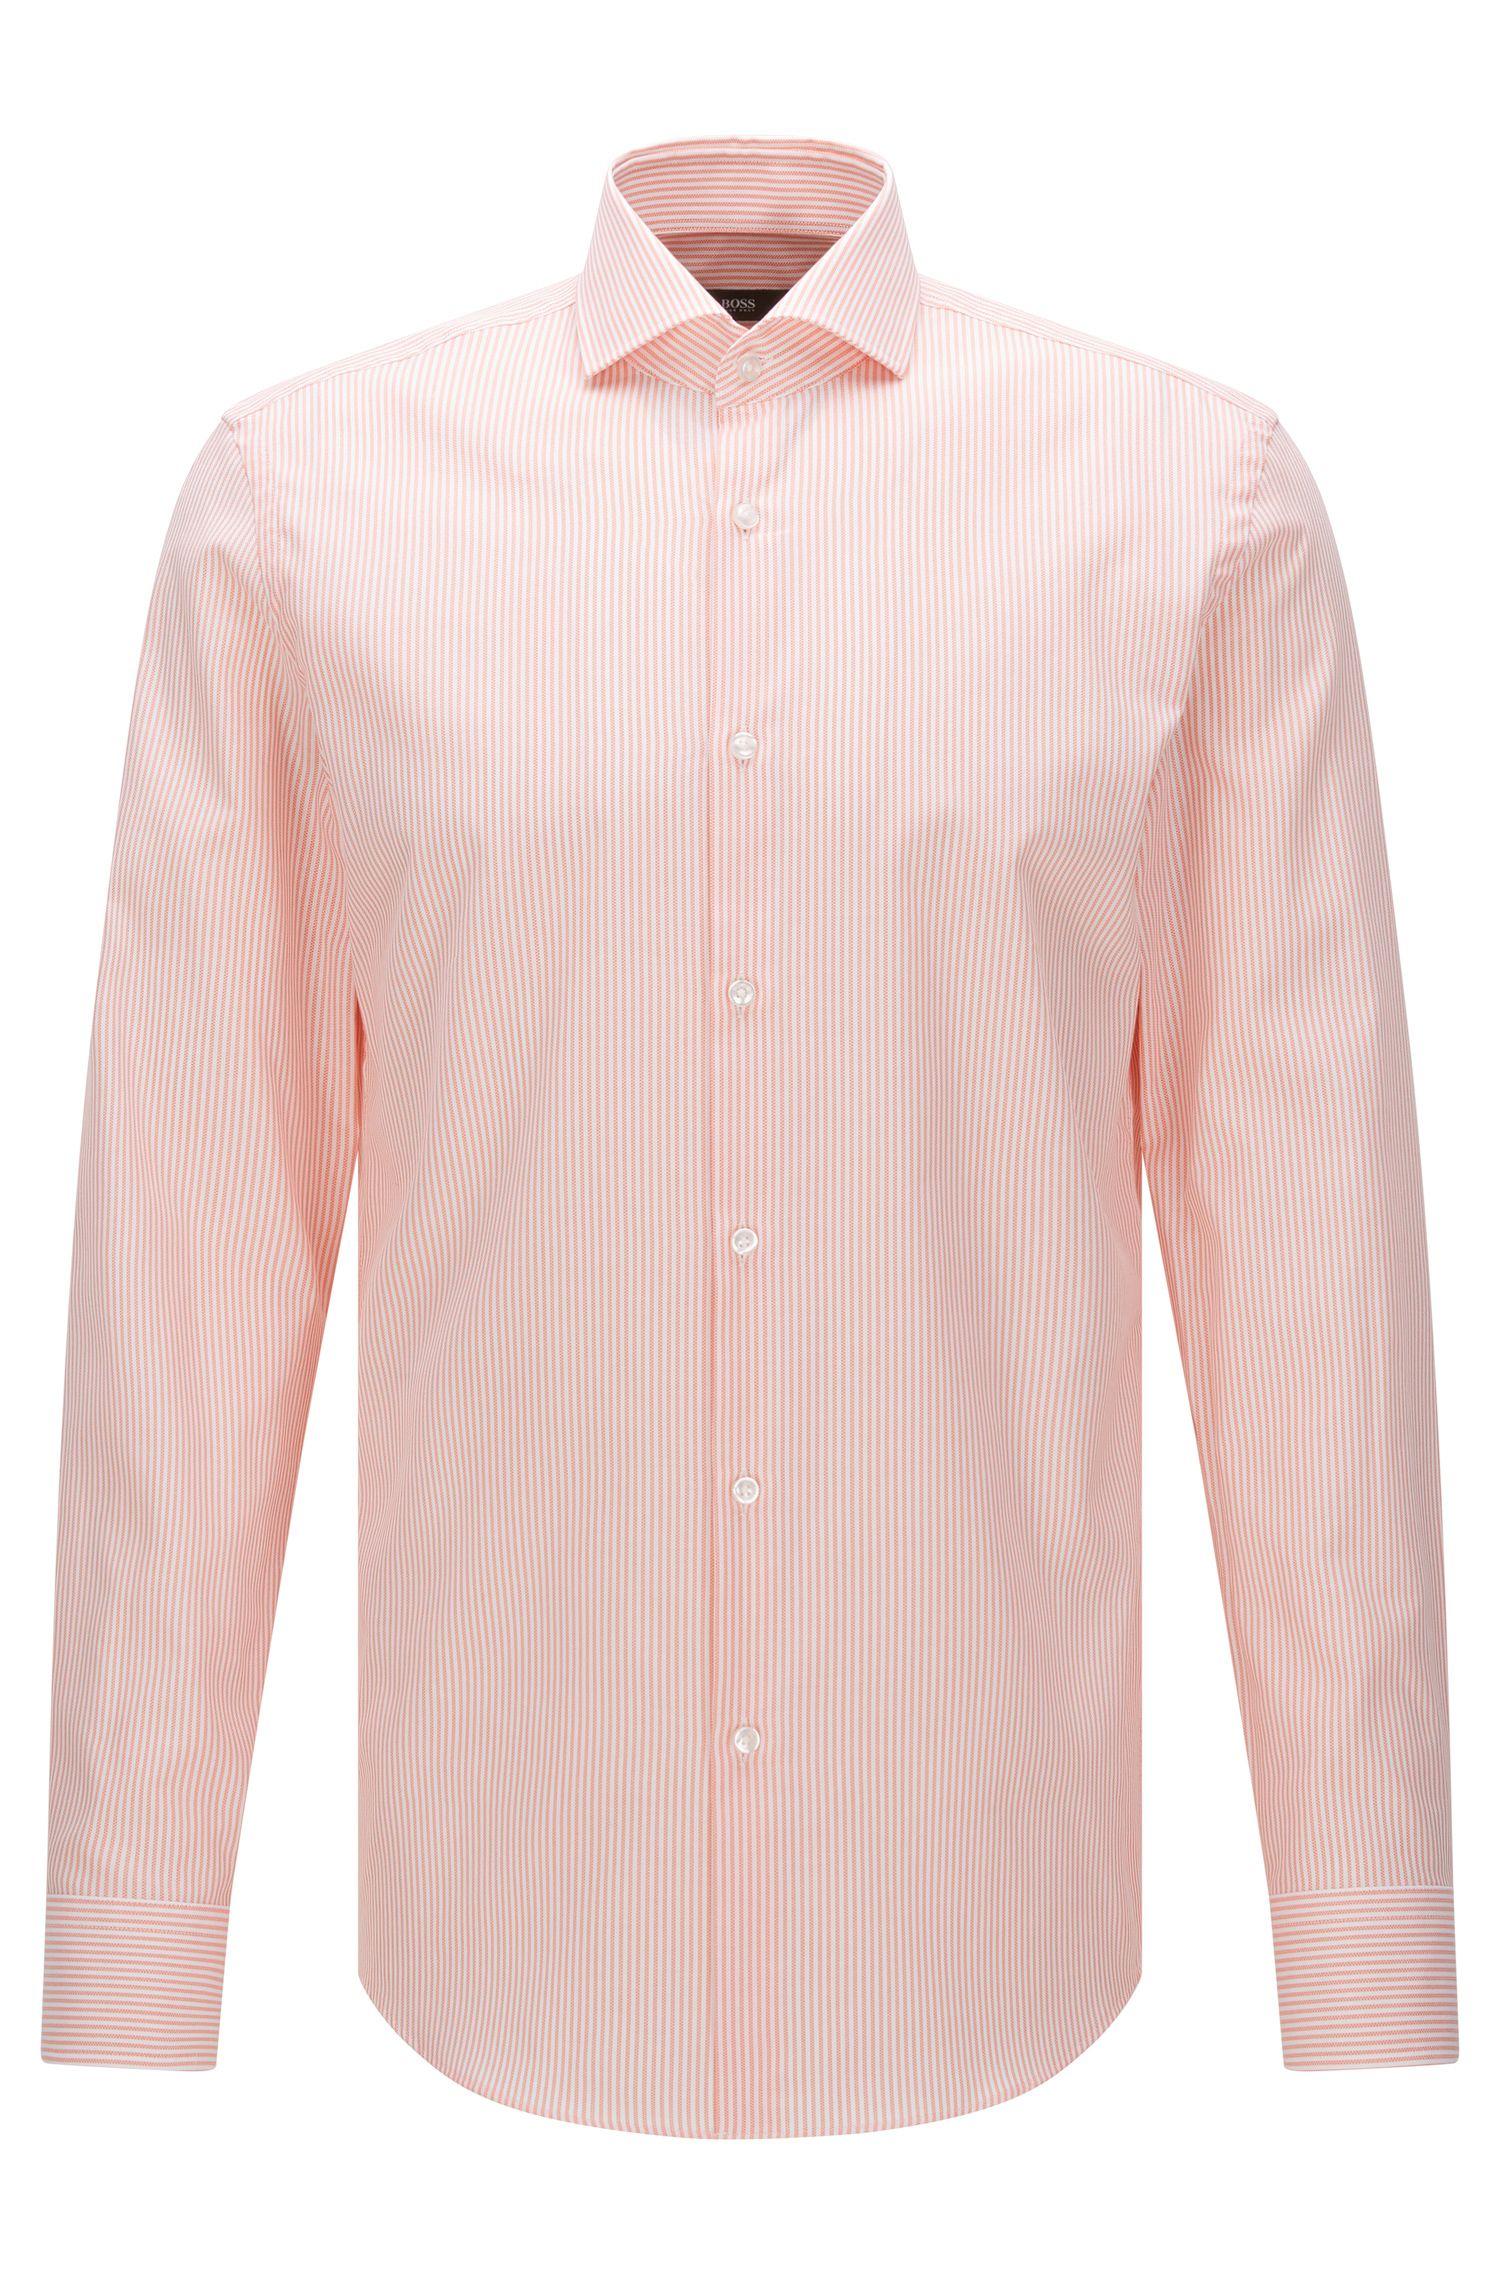 Striped slim-fit shirt in textured cotton: 'Jason'